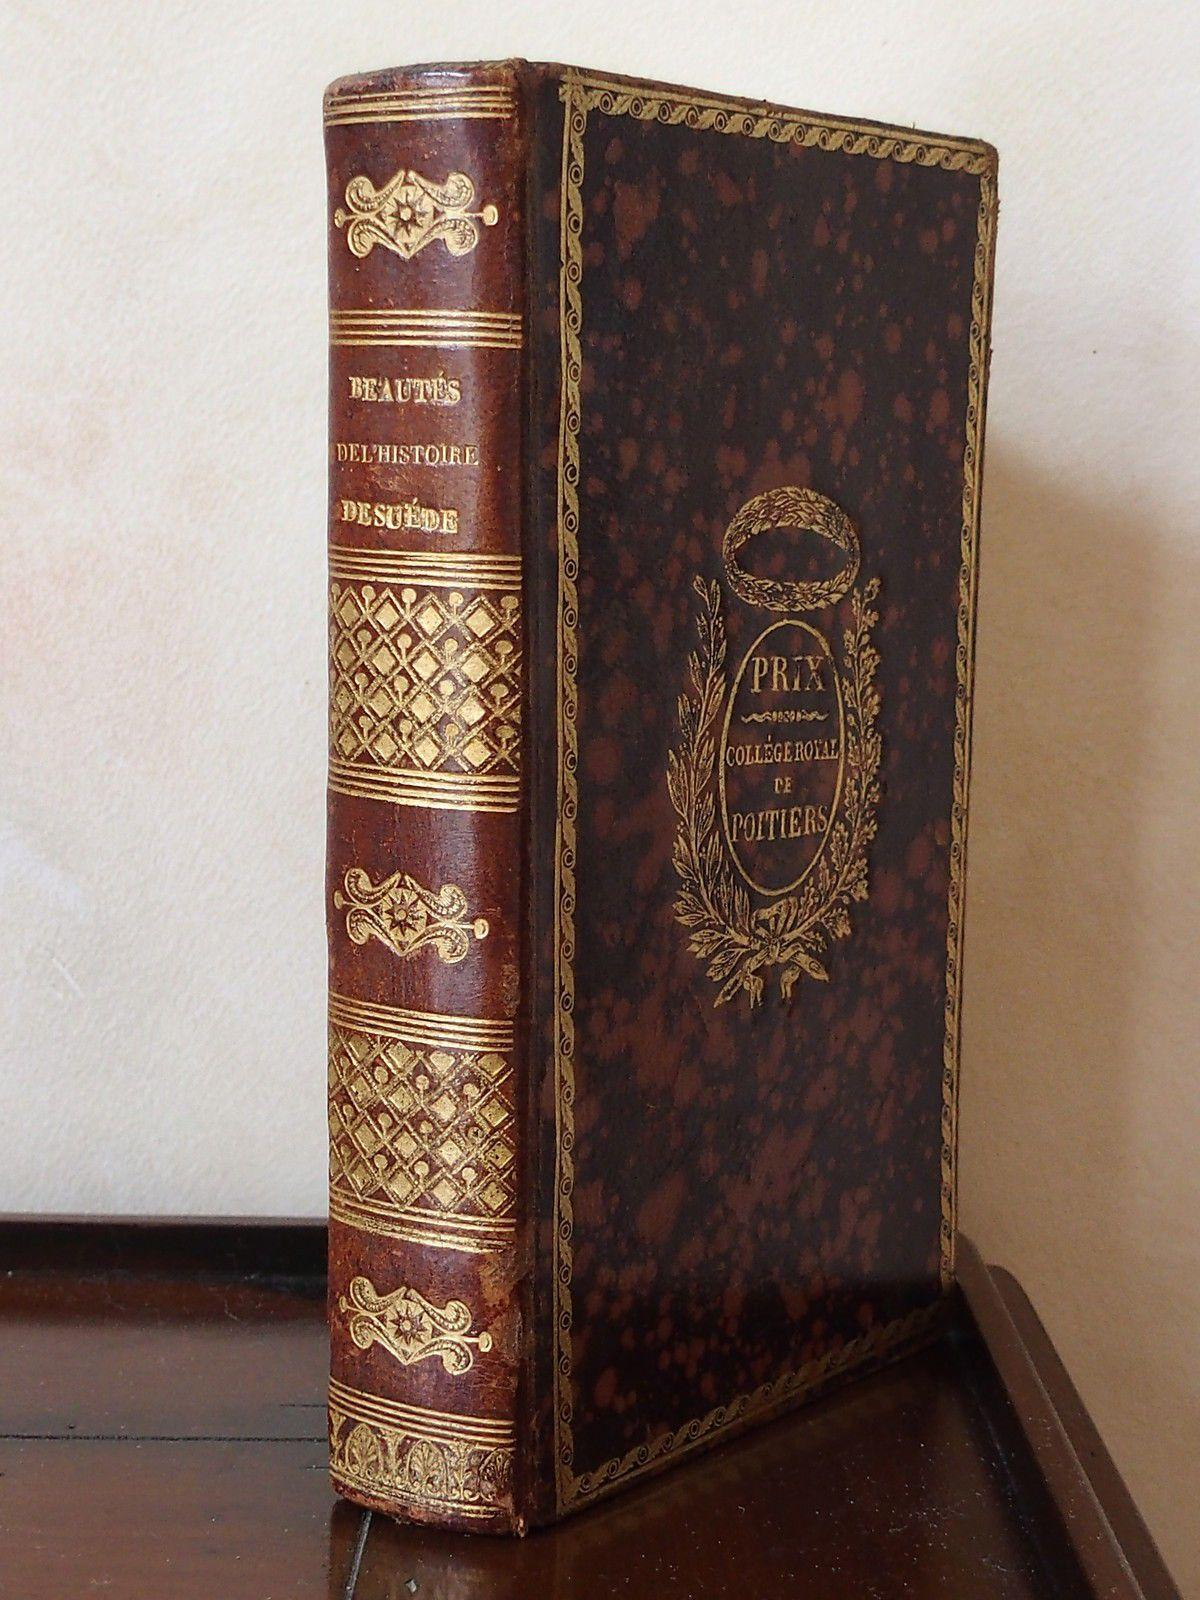 Beautés de l'histoire de Suède,Danemark, & Norvège, 1822